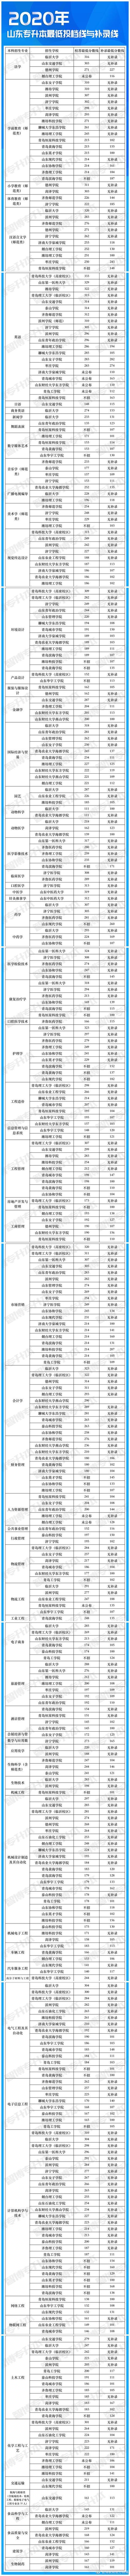 山东省专升本成绩查询,2020年山东专升本各专业最低录取分数线(全)